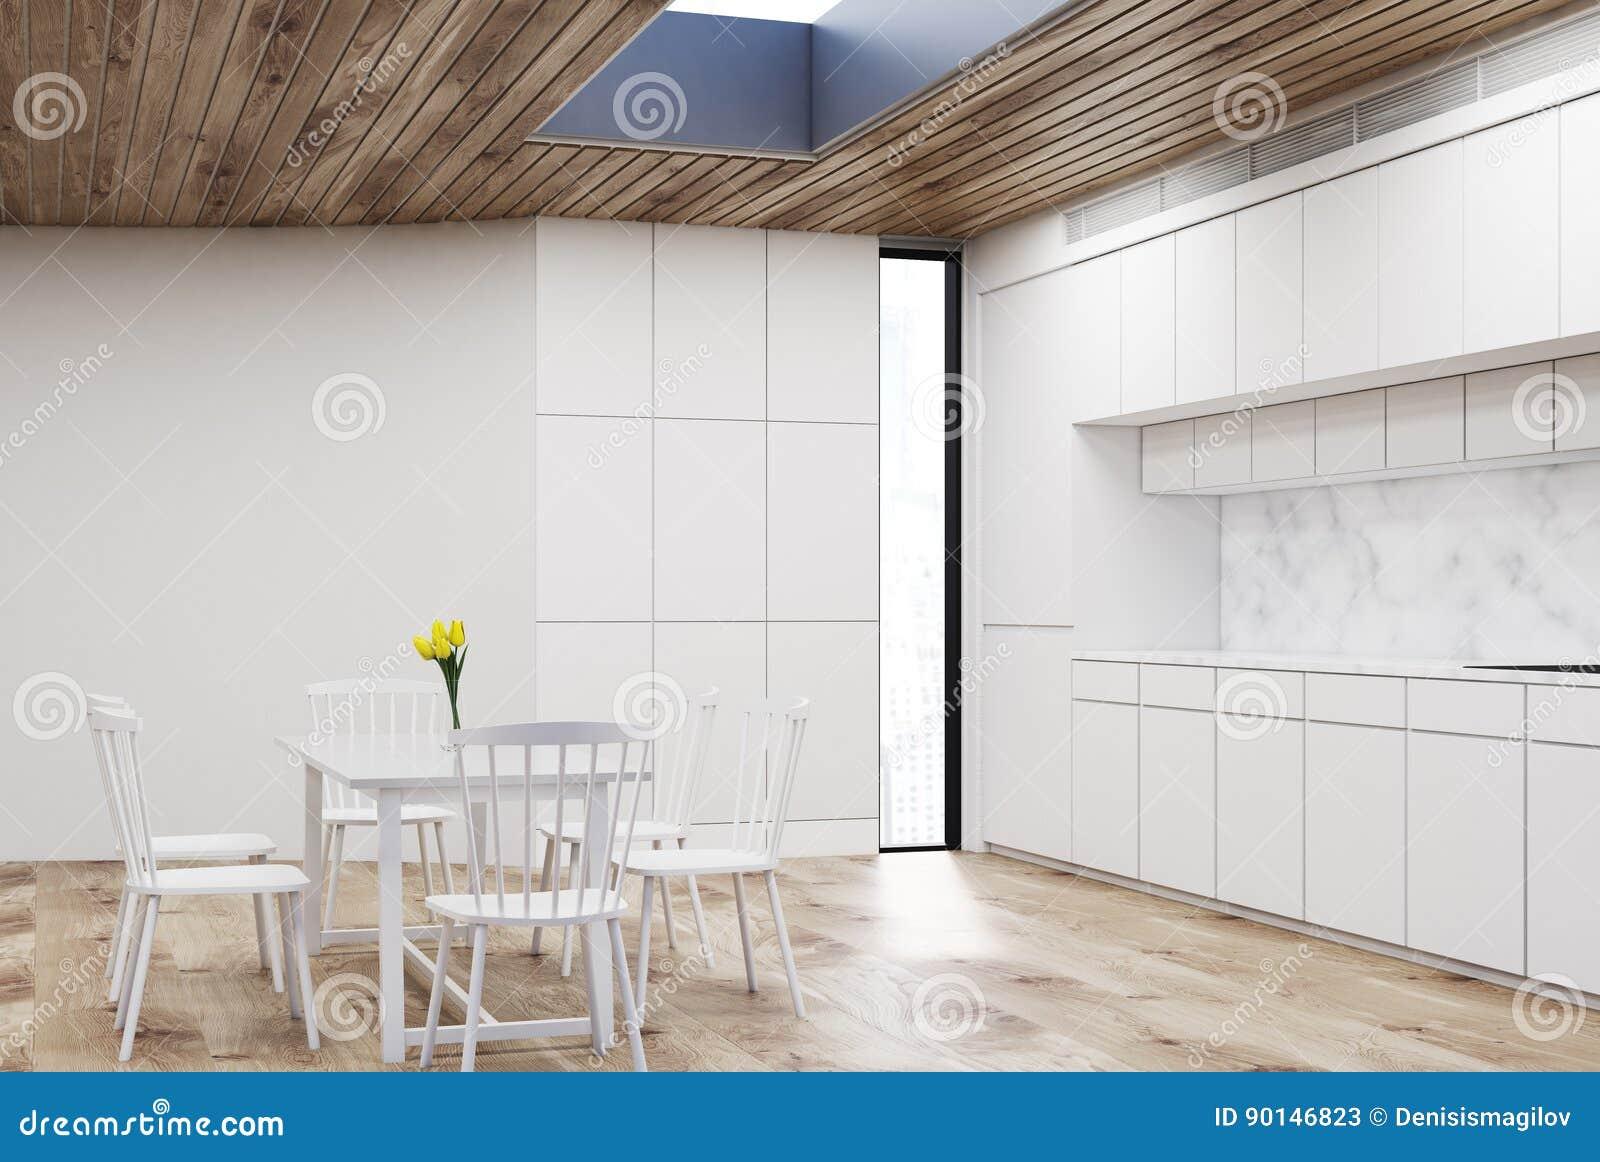 Cuisine Blanche Avec La Table Ronde Bois Illustration Stock